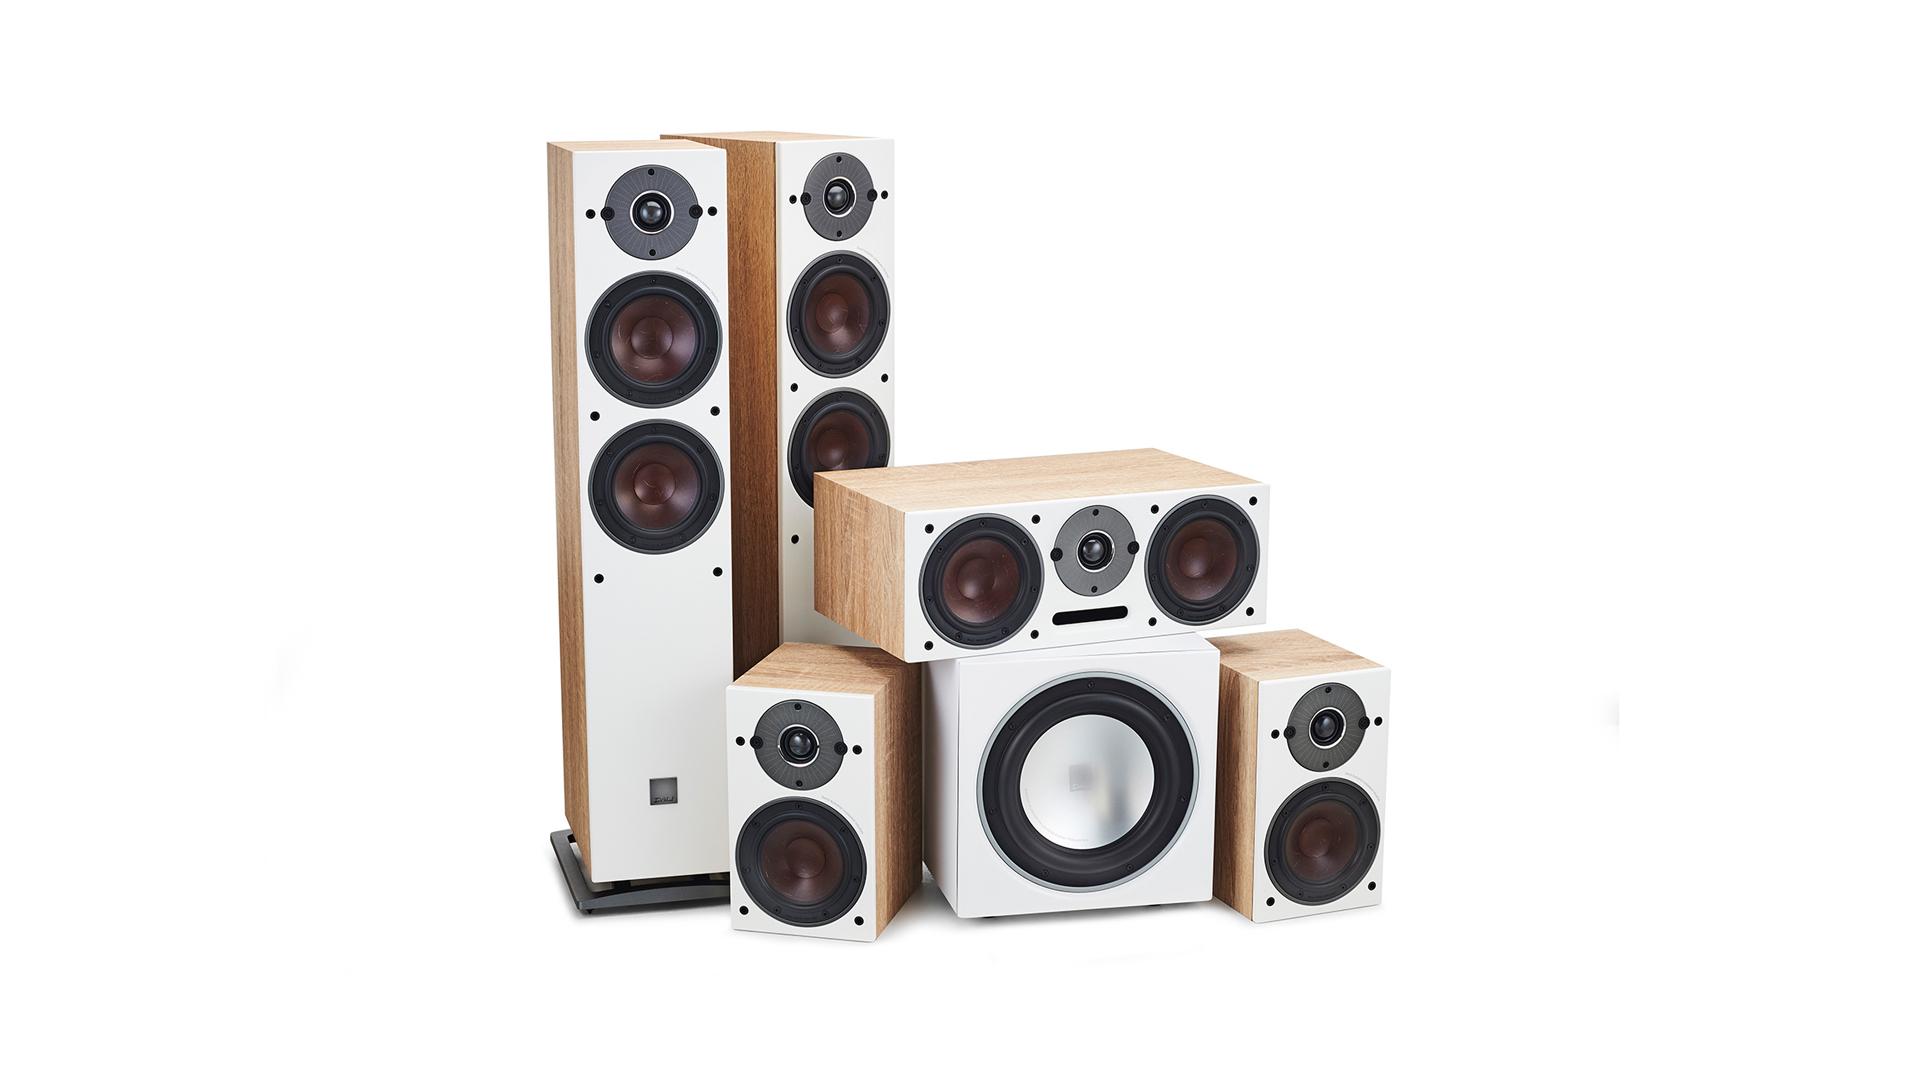 El mejor sistema de sonido envolvente 2020: separadores, barras de sonido, kit de socios y más